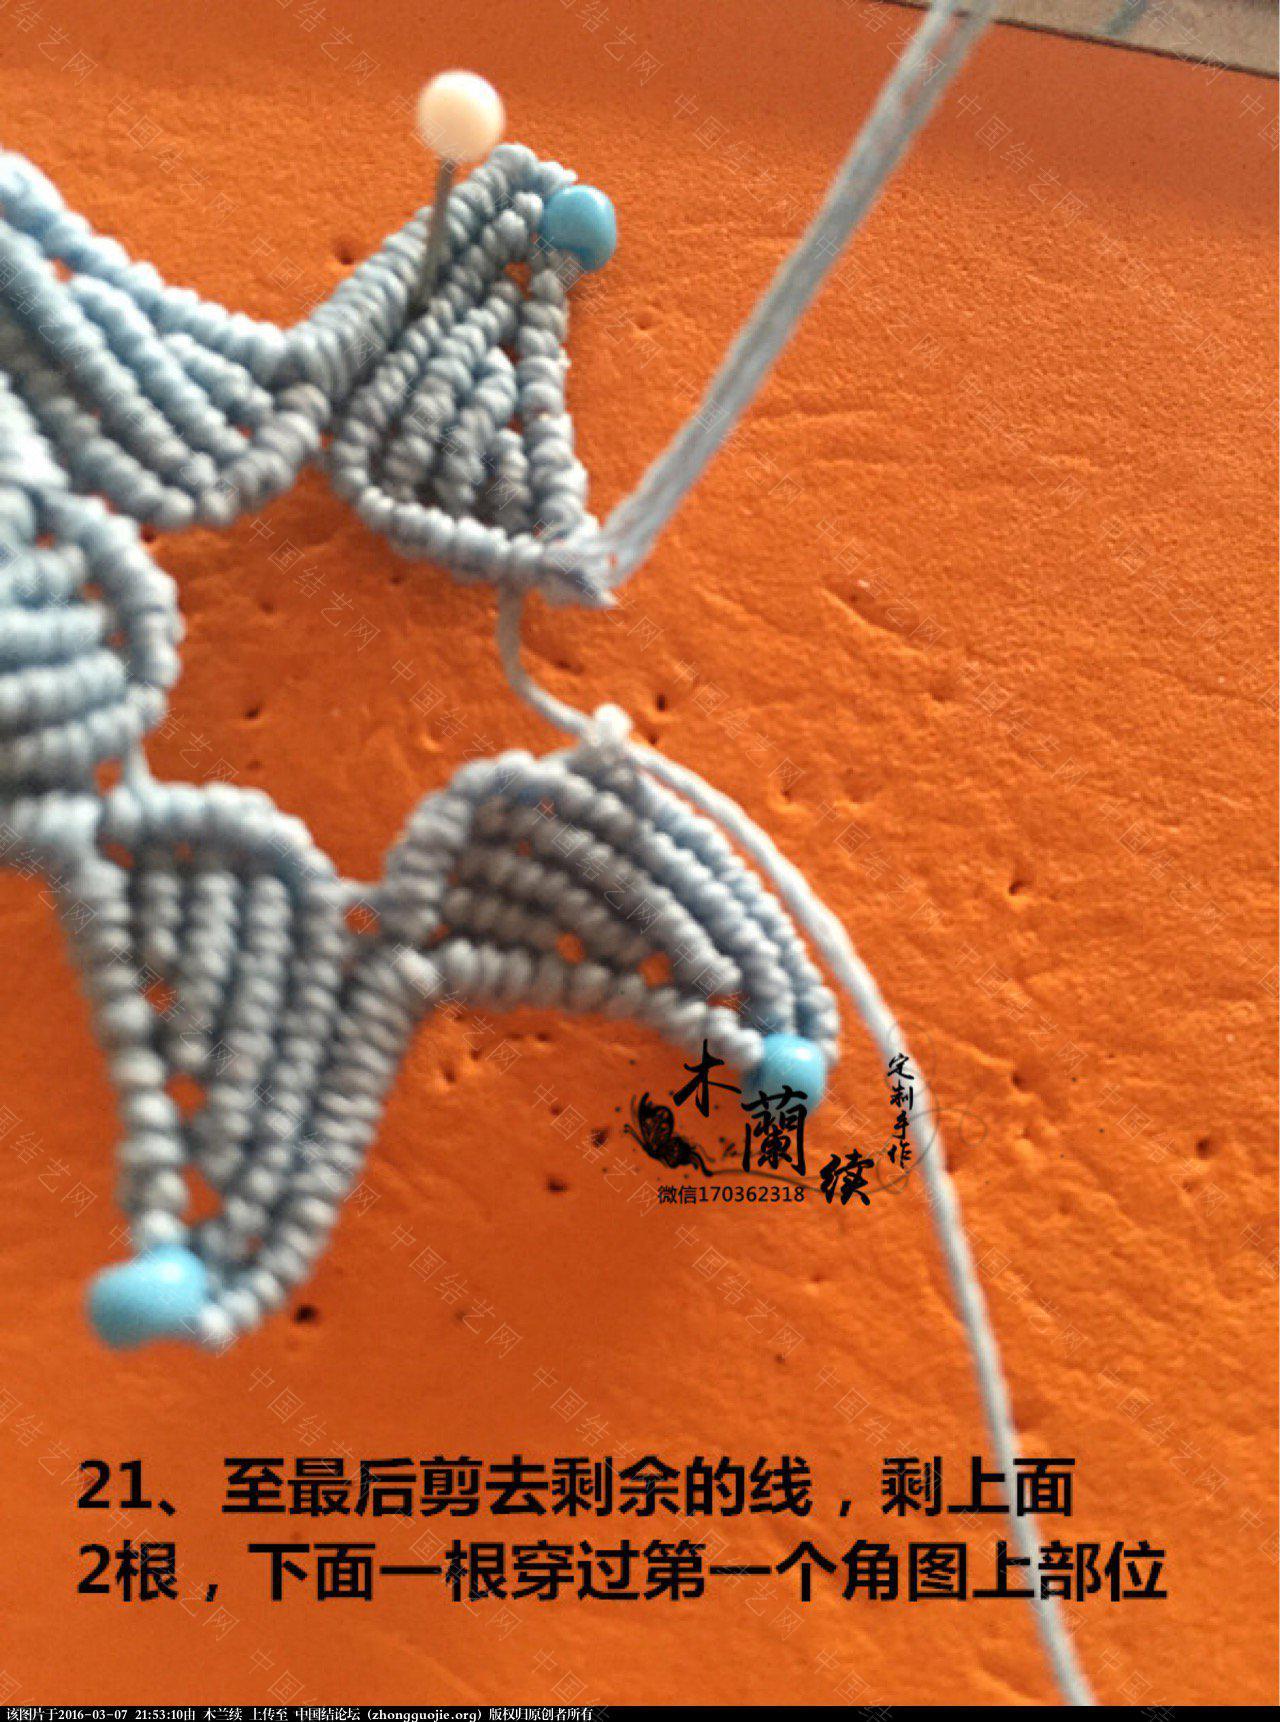 中国结论坛 【木兰续】萌萌的海星挂件! 木兰 图文教程区 214910ph6q3bh6xx8l372l